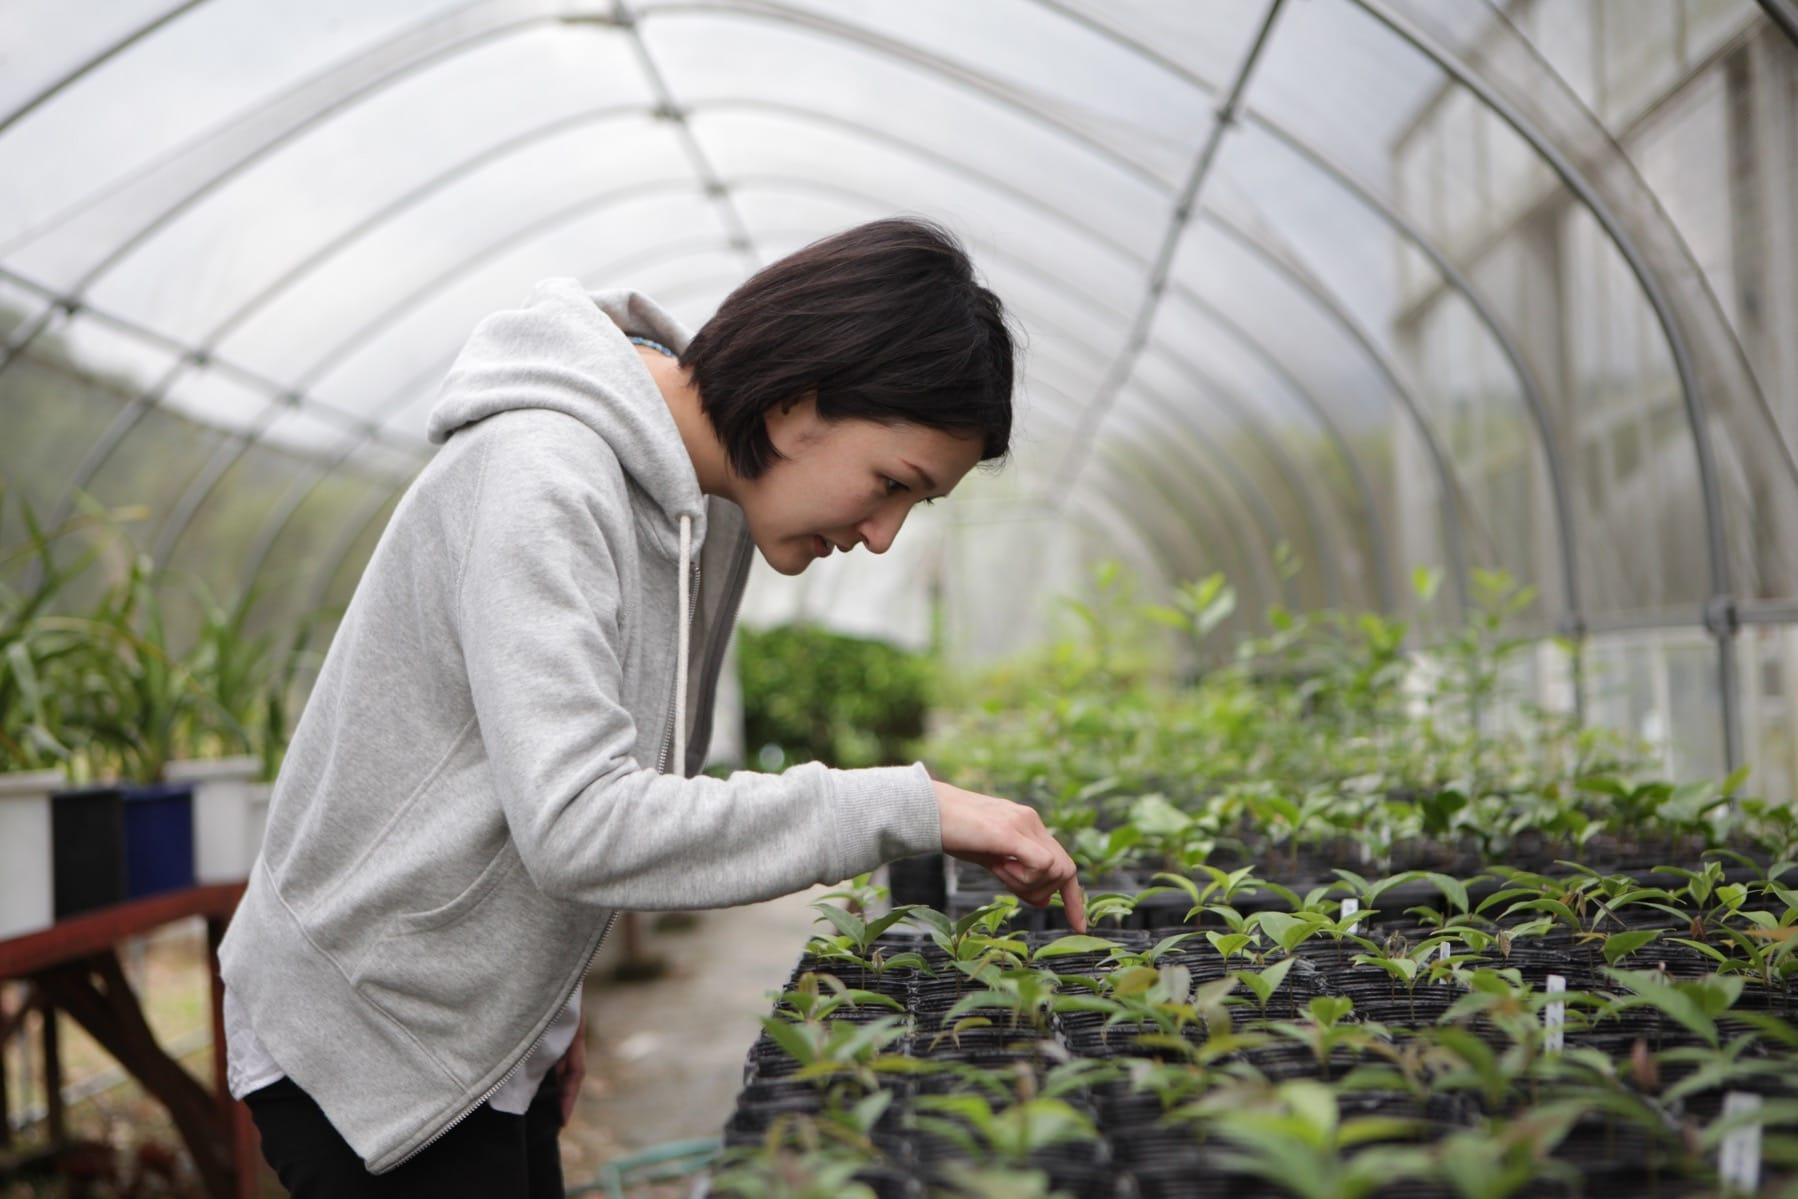 集合住宅づくりでは「緑地も地域の植栽でつくる」ことも大切に考え、城西高校神山分校の造園土木科の生徒たちと鮎喰川流域の自然植生の種を採取して育てています。